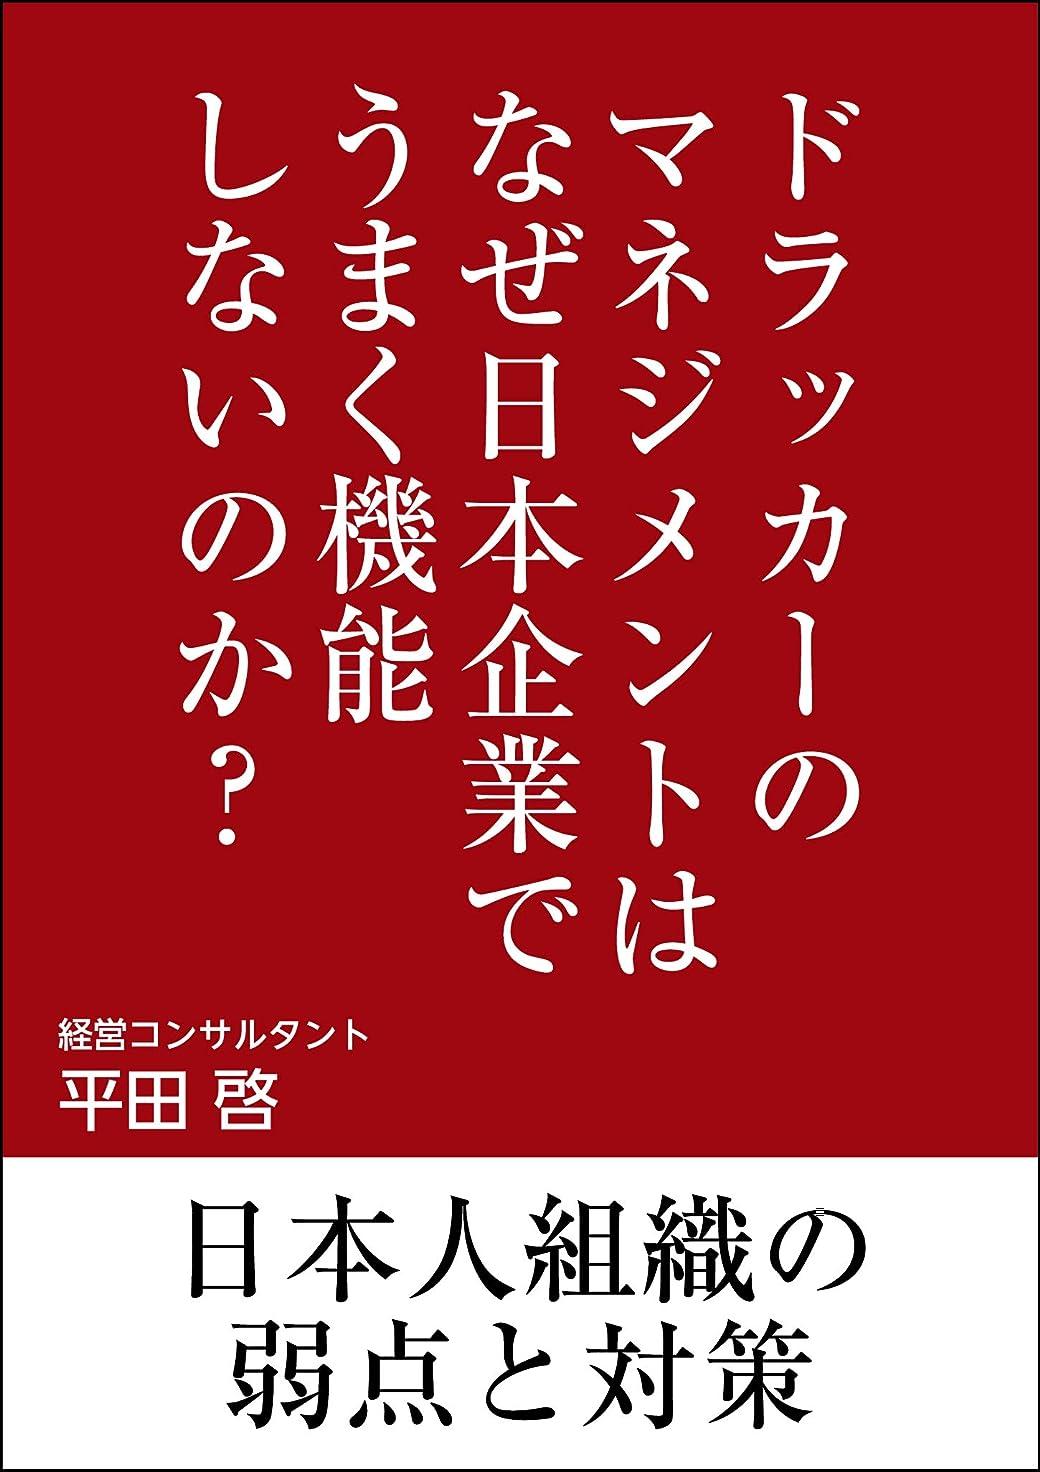 固体主権者手錠ドラッカーのマネジメントはなぜ日本企業でうまく機能しないのか?